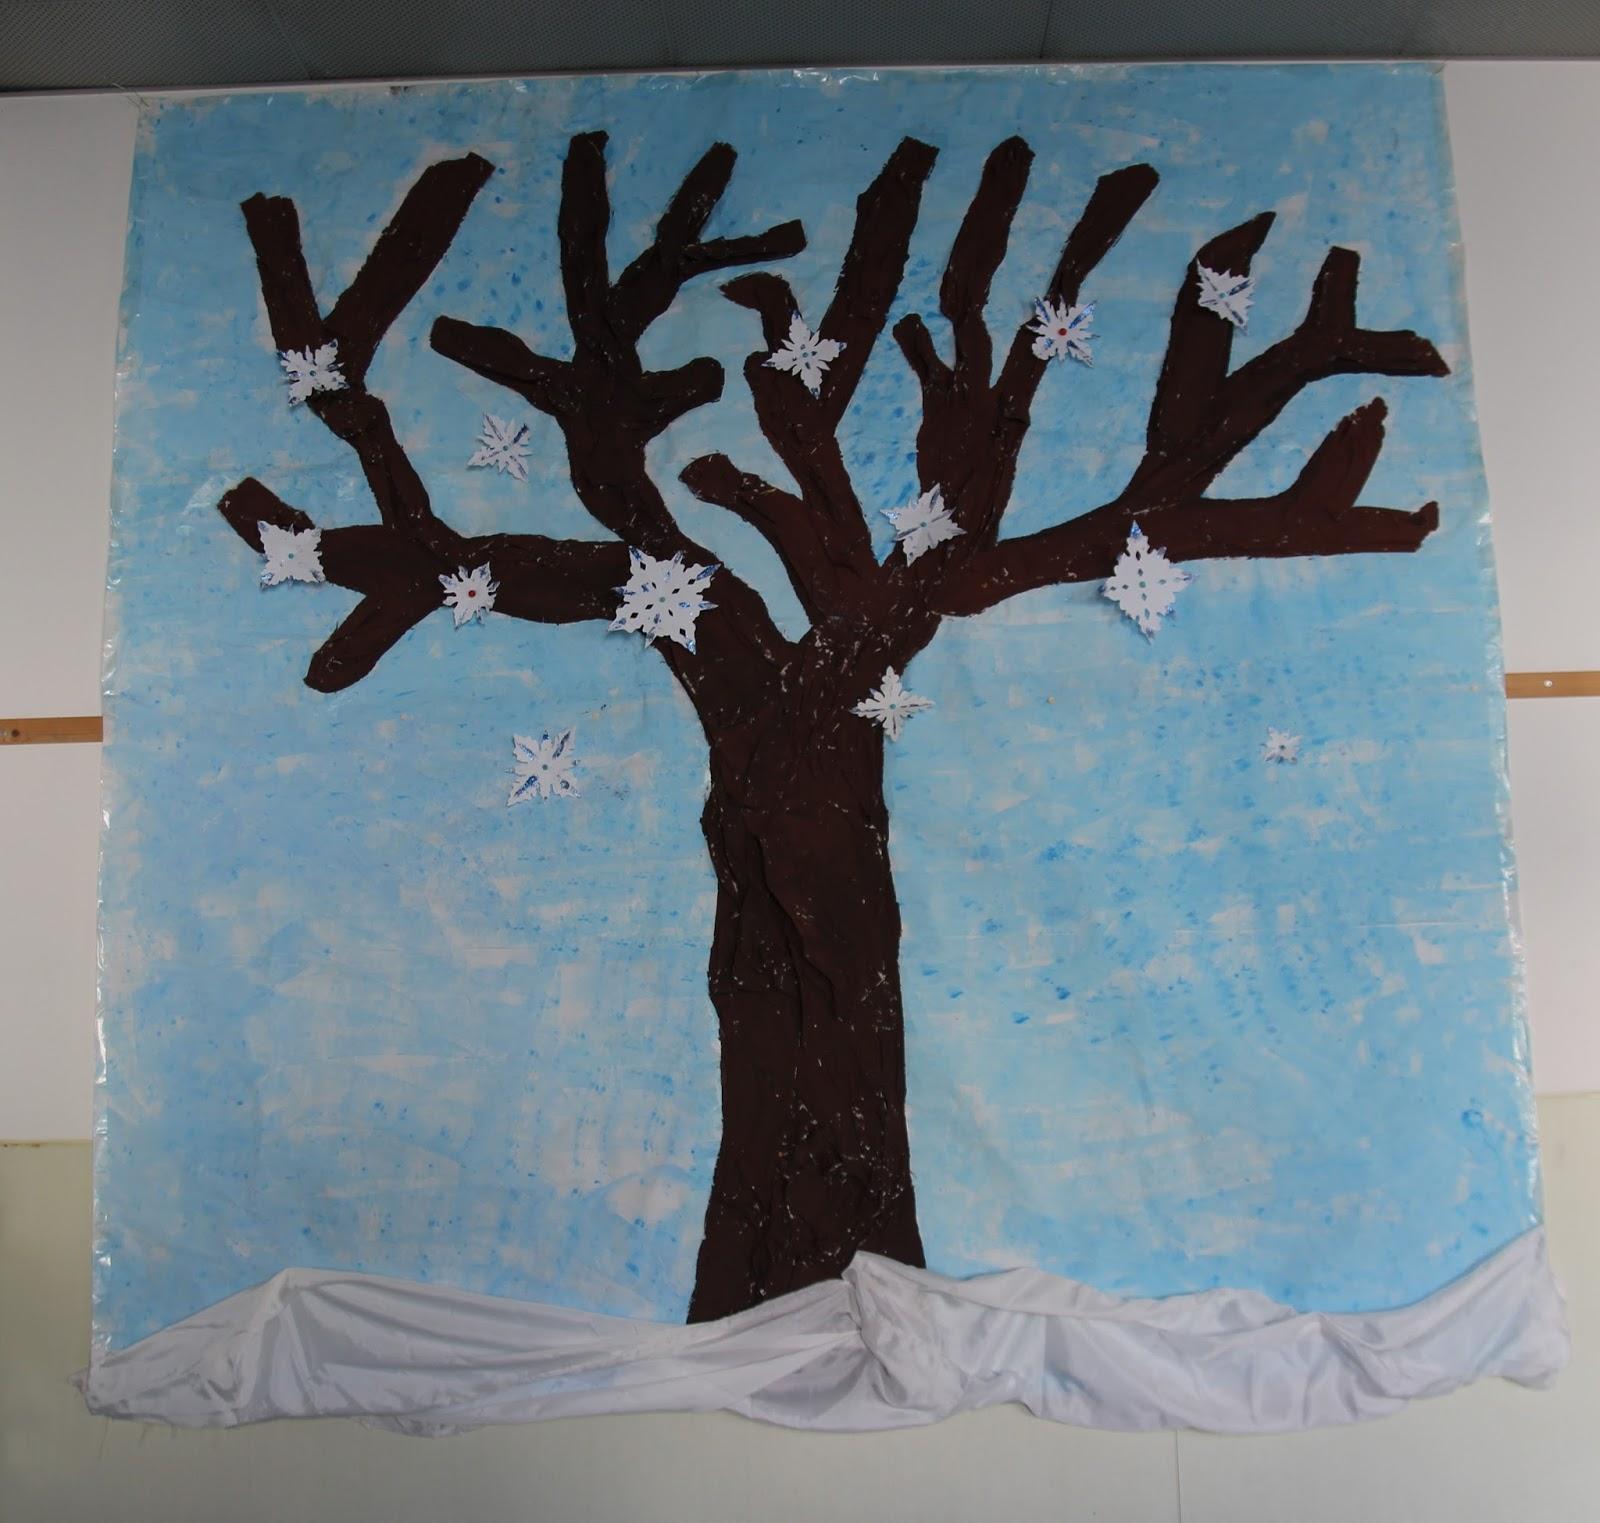 L 39 albero invernale scuola dell 39 infanzia piaget - Immagini da colorare la neve ...